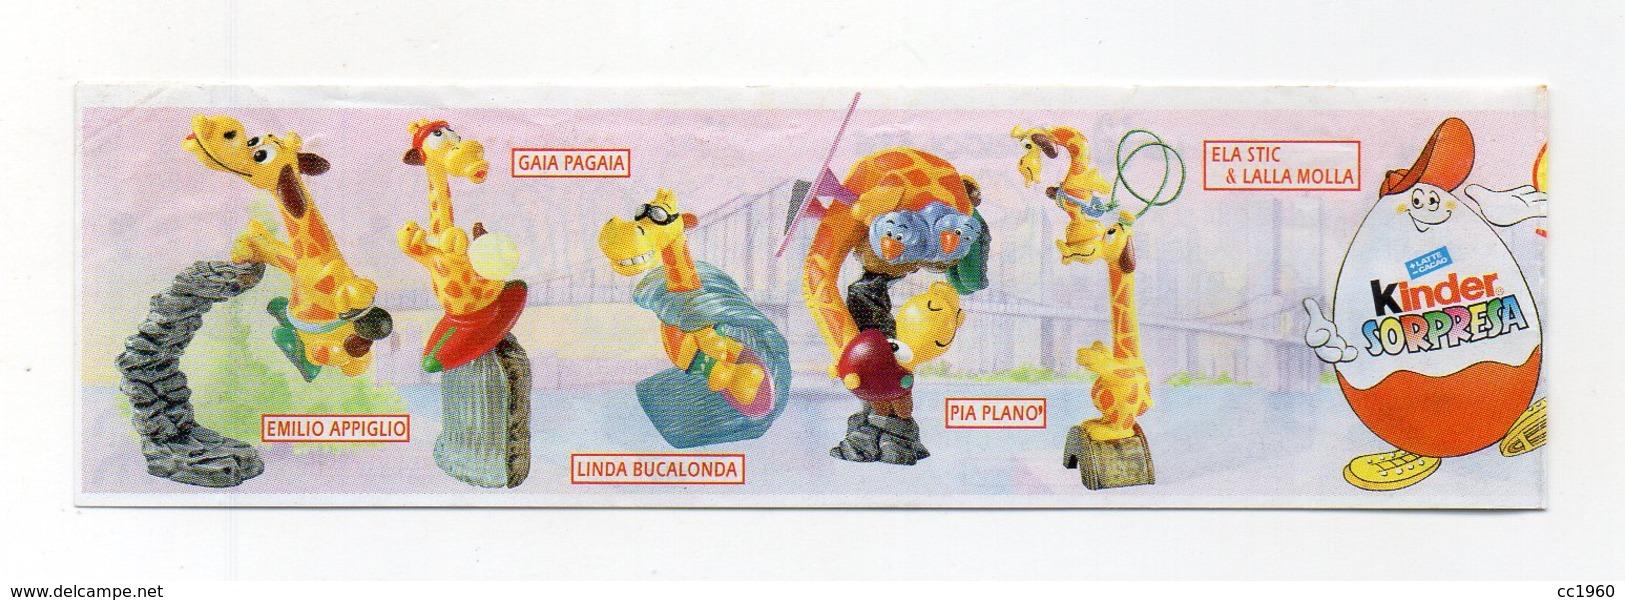 KINDER - 1999 - Cartina Serie SUPER GIRAFFE - (FDC15620) - Istruzioni